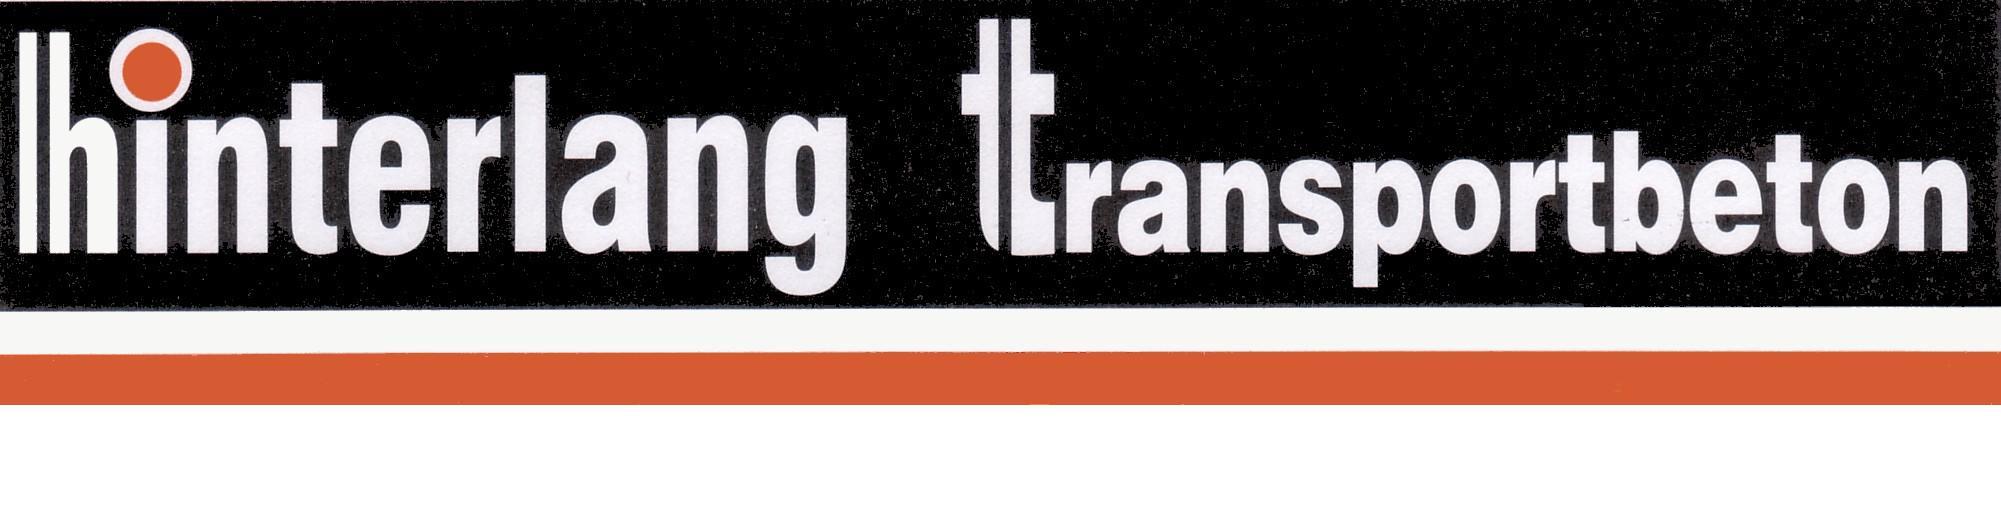 Hinterlang Transportbeton GmbH & Co. KG